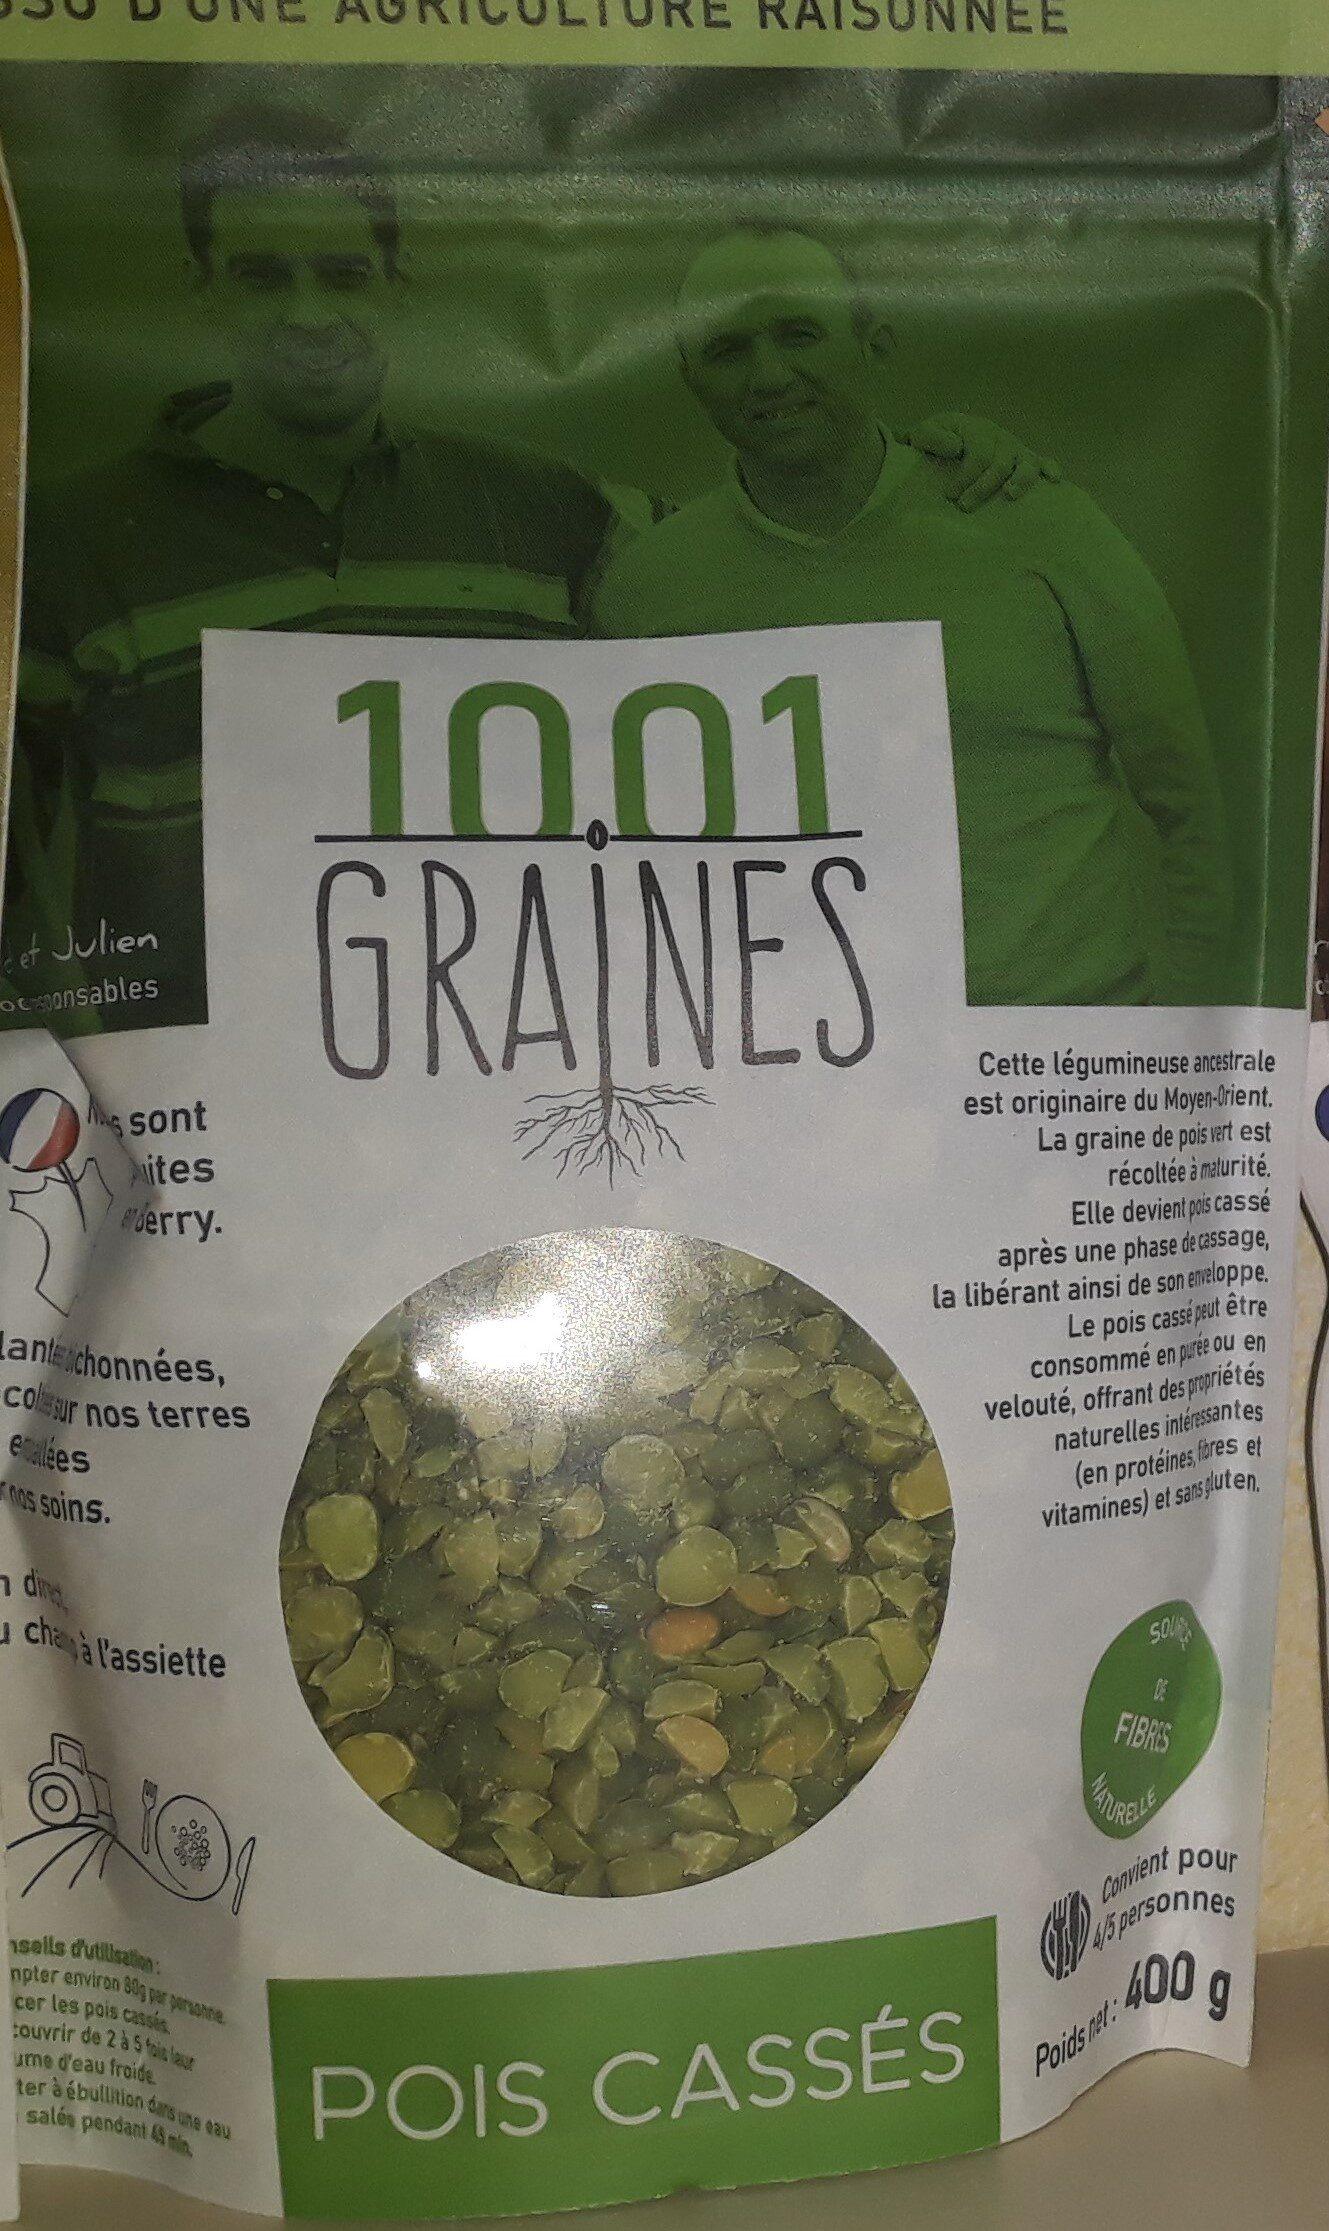 POIS CASSÉS 1001 GRAINES - Ingredients - fr